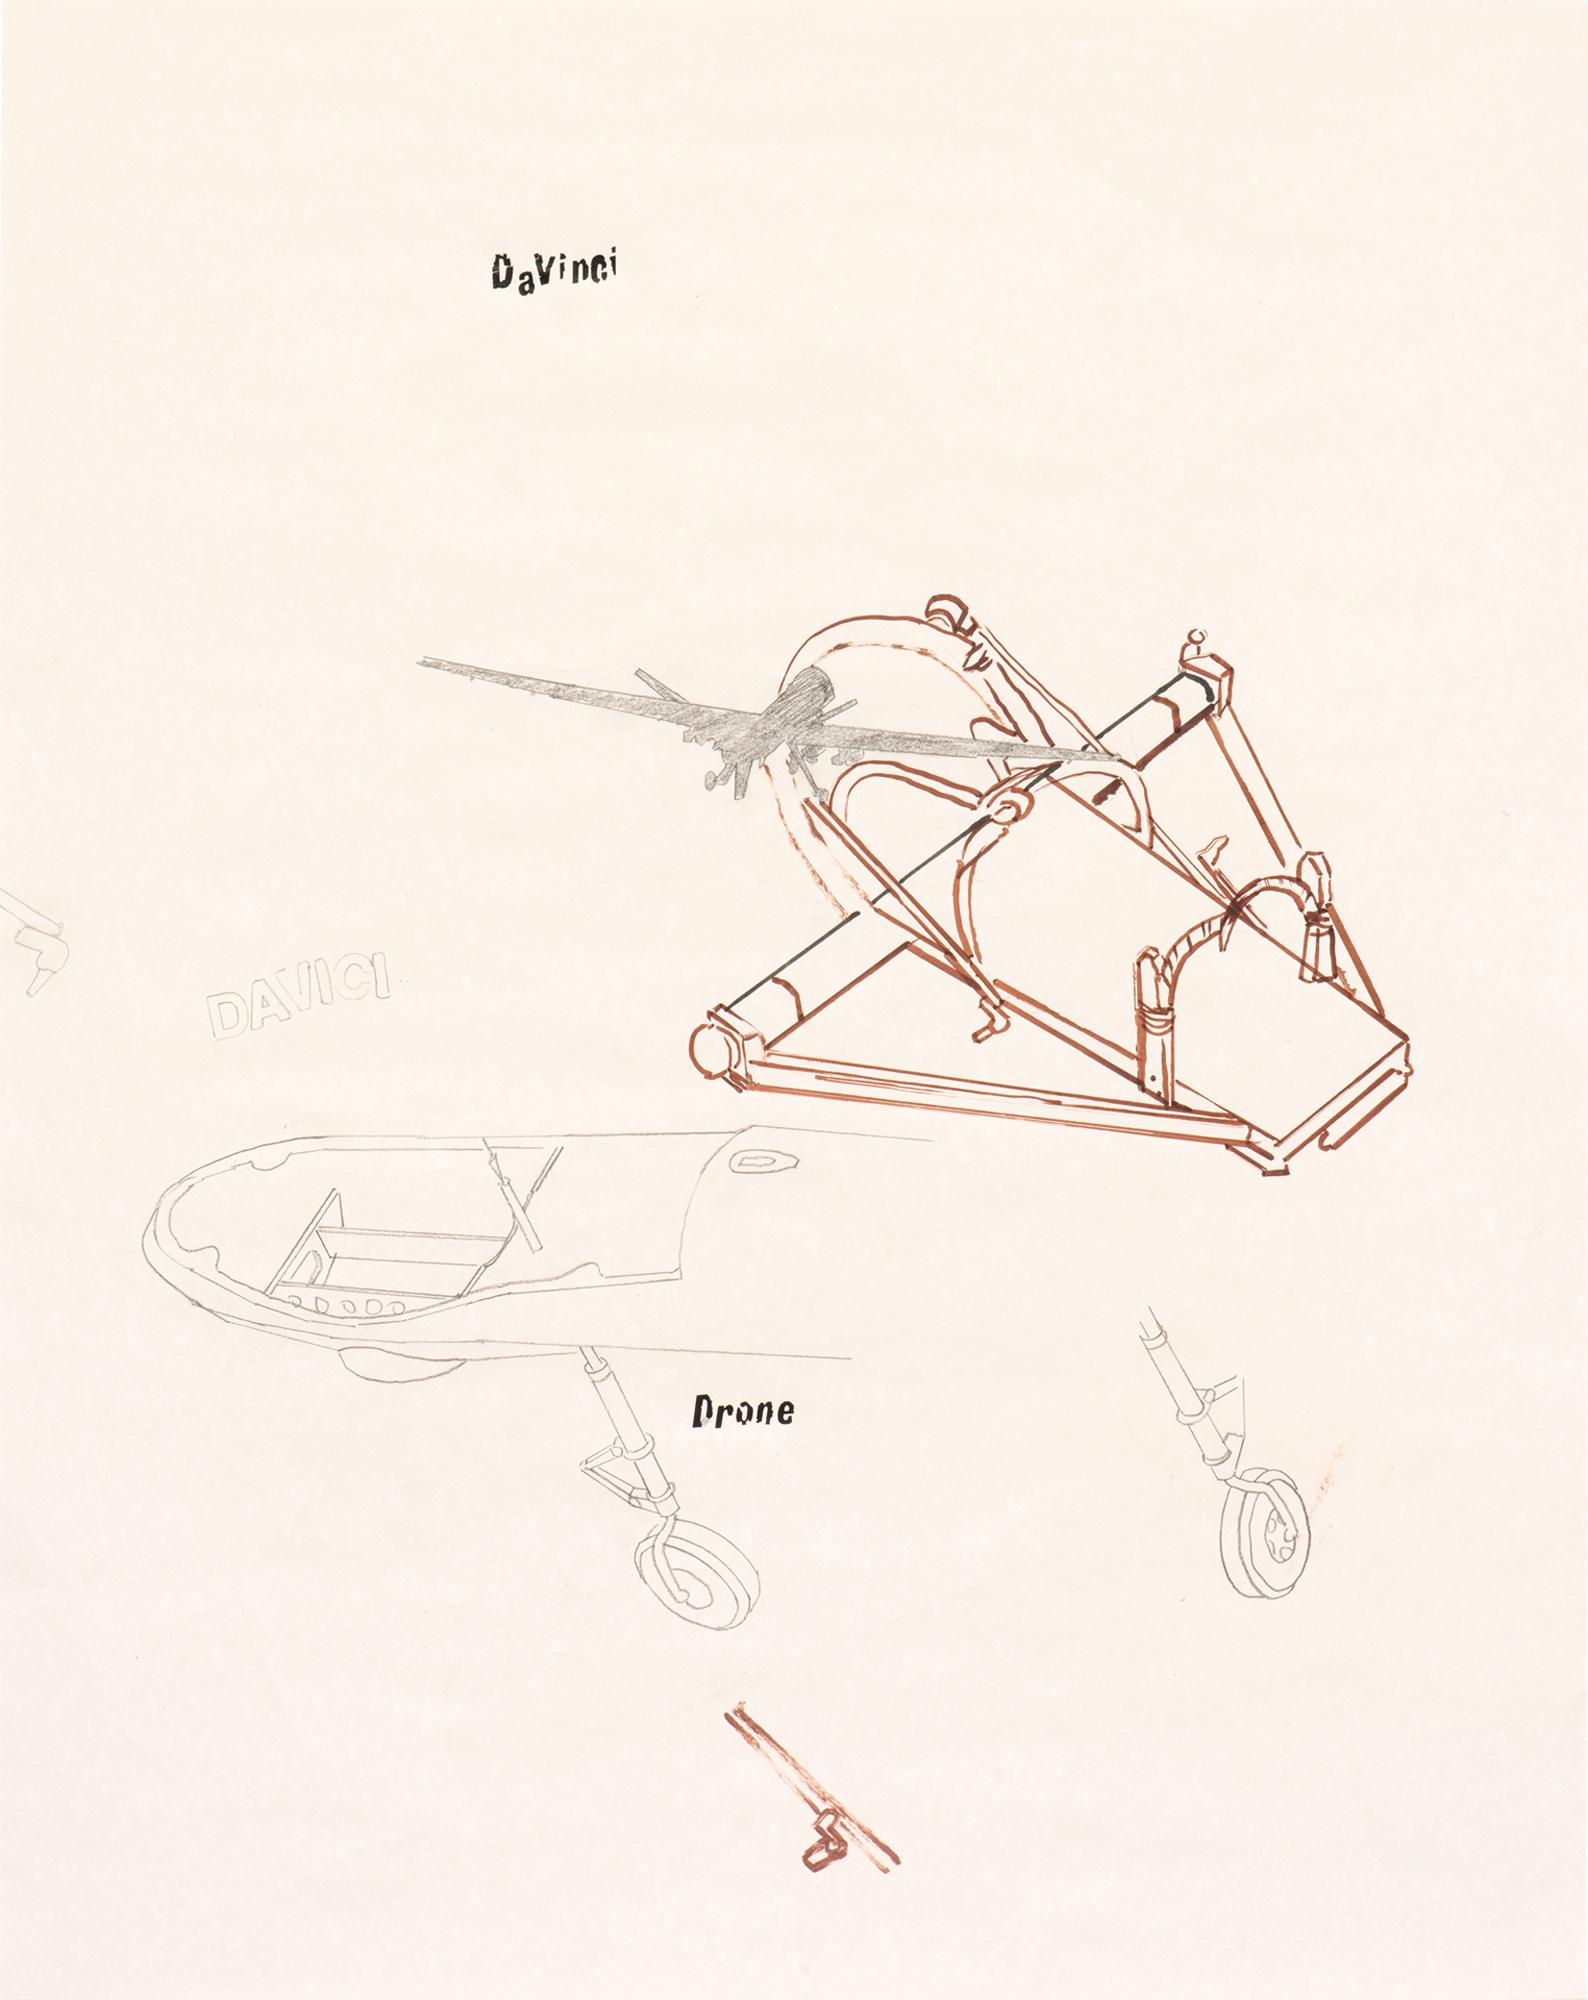 Da Vinci and the Drone